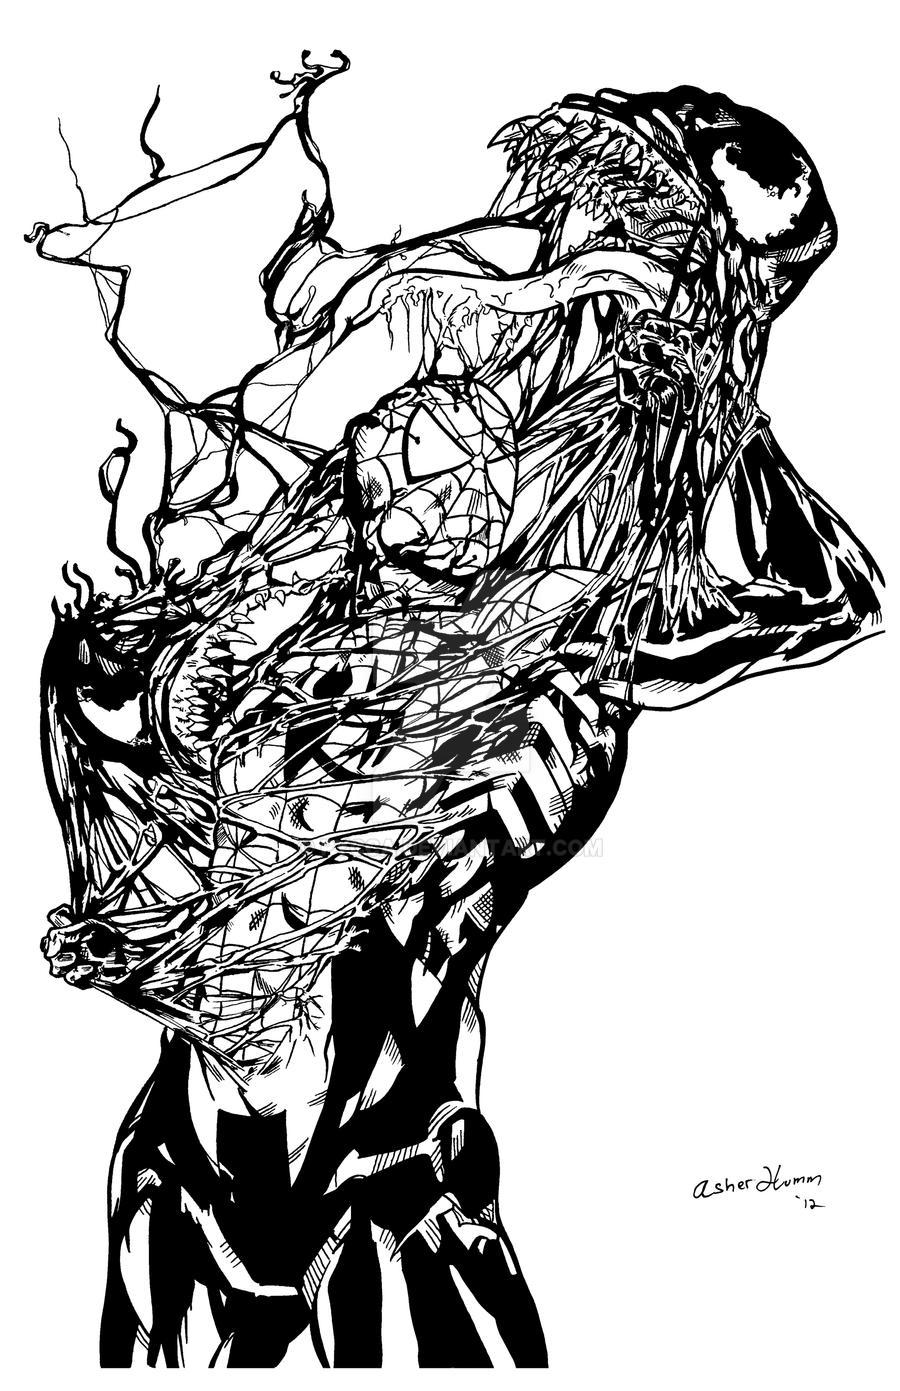 Spiderman vs Venom by pycca on